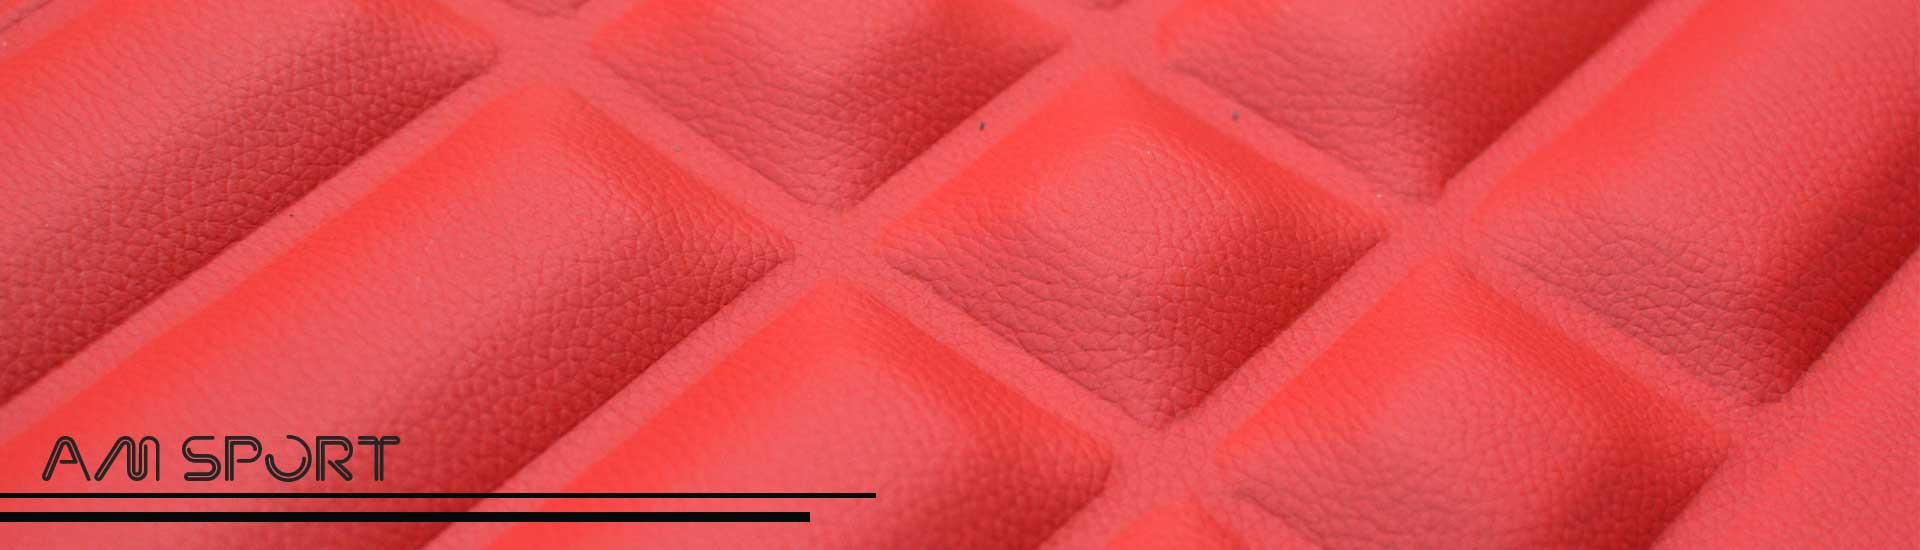 کفپوش سه بعدی زیرپایی سه بعدی